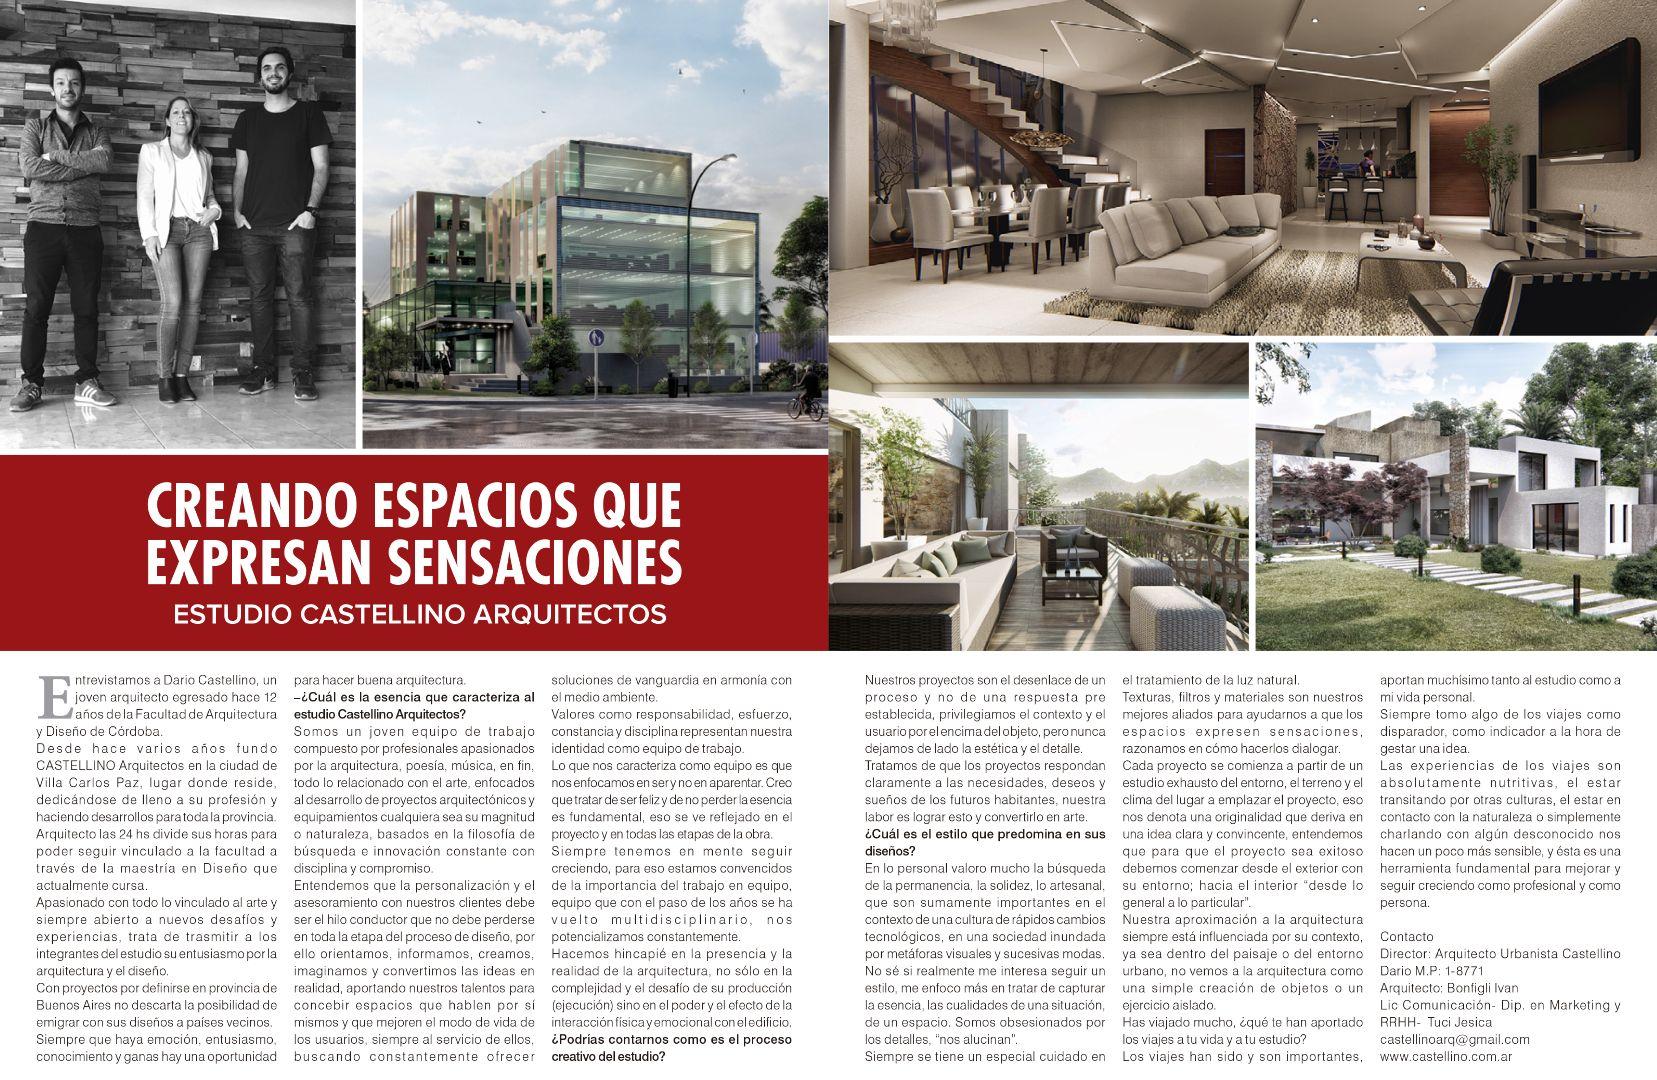 Revista Caras Like especial Arq y Decoracion